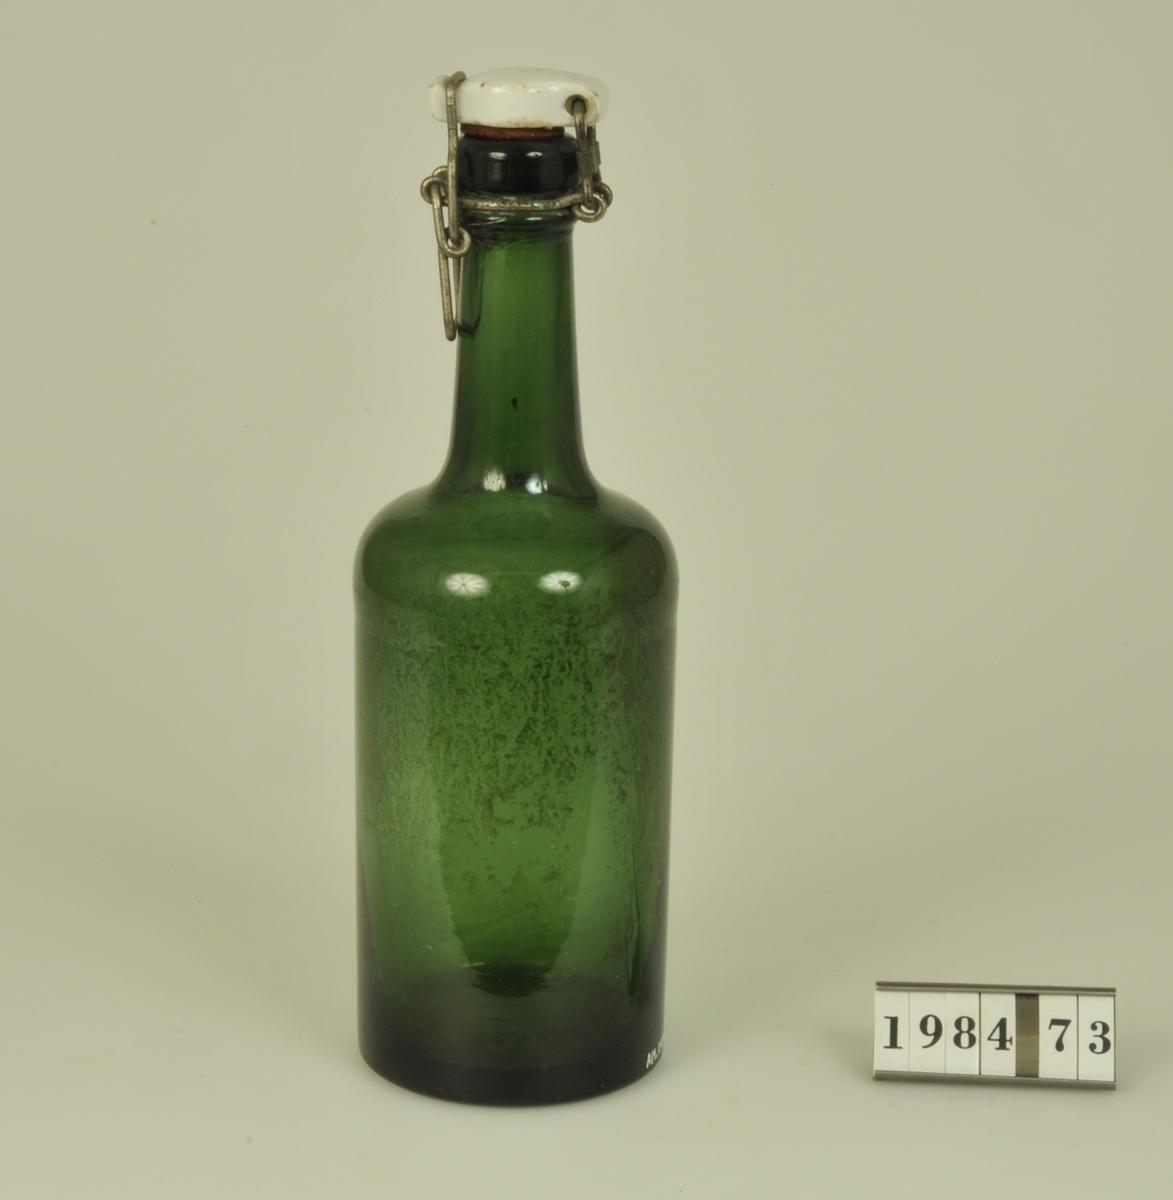 Butelj av grönfärgat glas med kapsyl av vitt porslin.  Okänd anknytning.